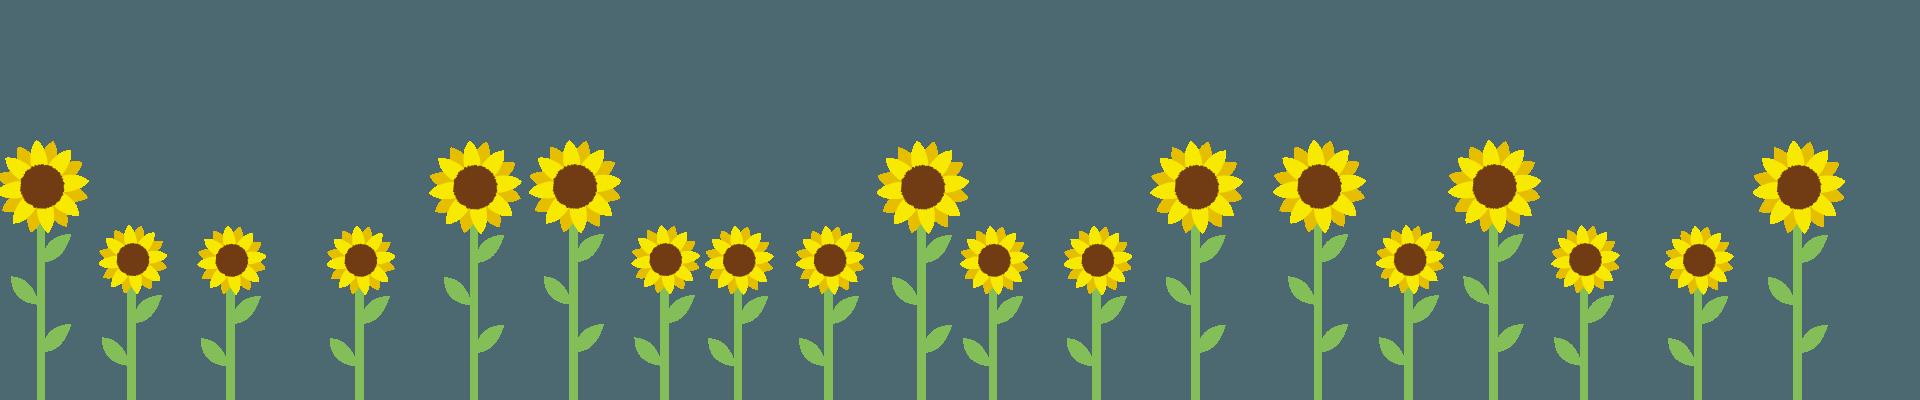 zonnebloemenbottom-8.png